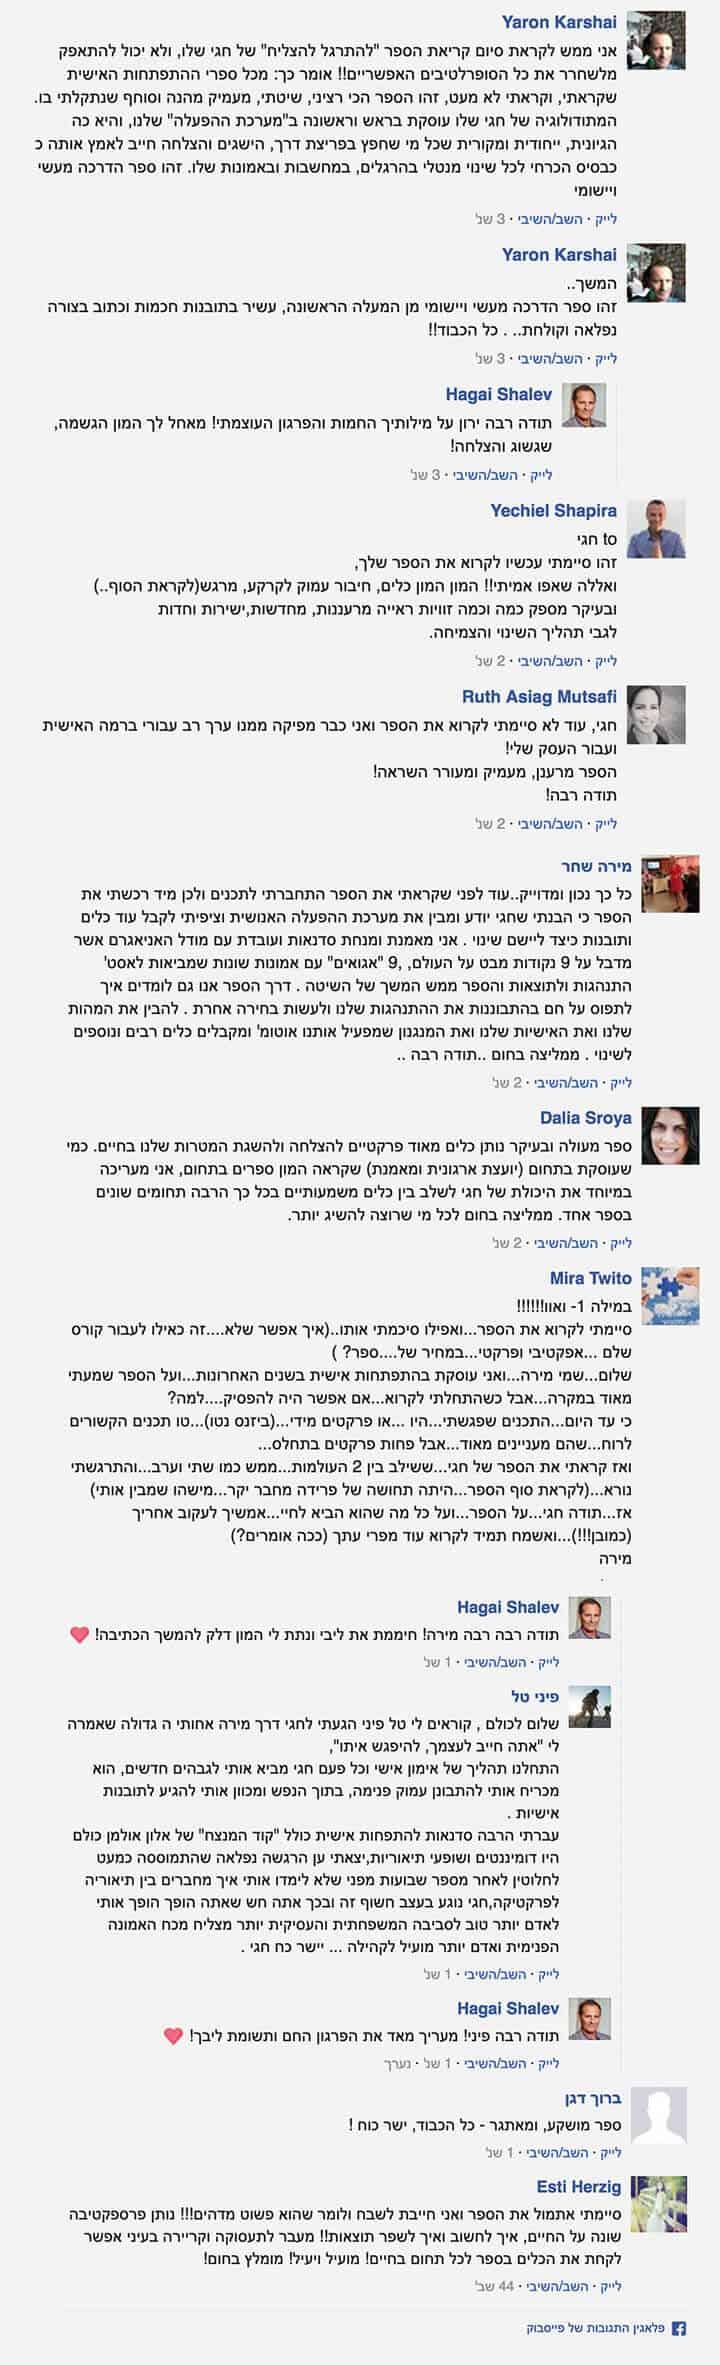 תגובות-פייסבוק-מכירת-הספר